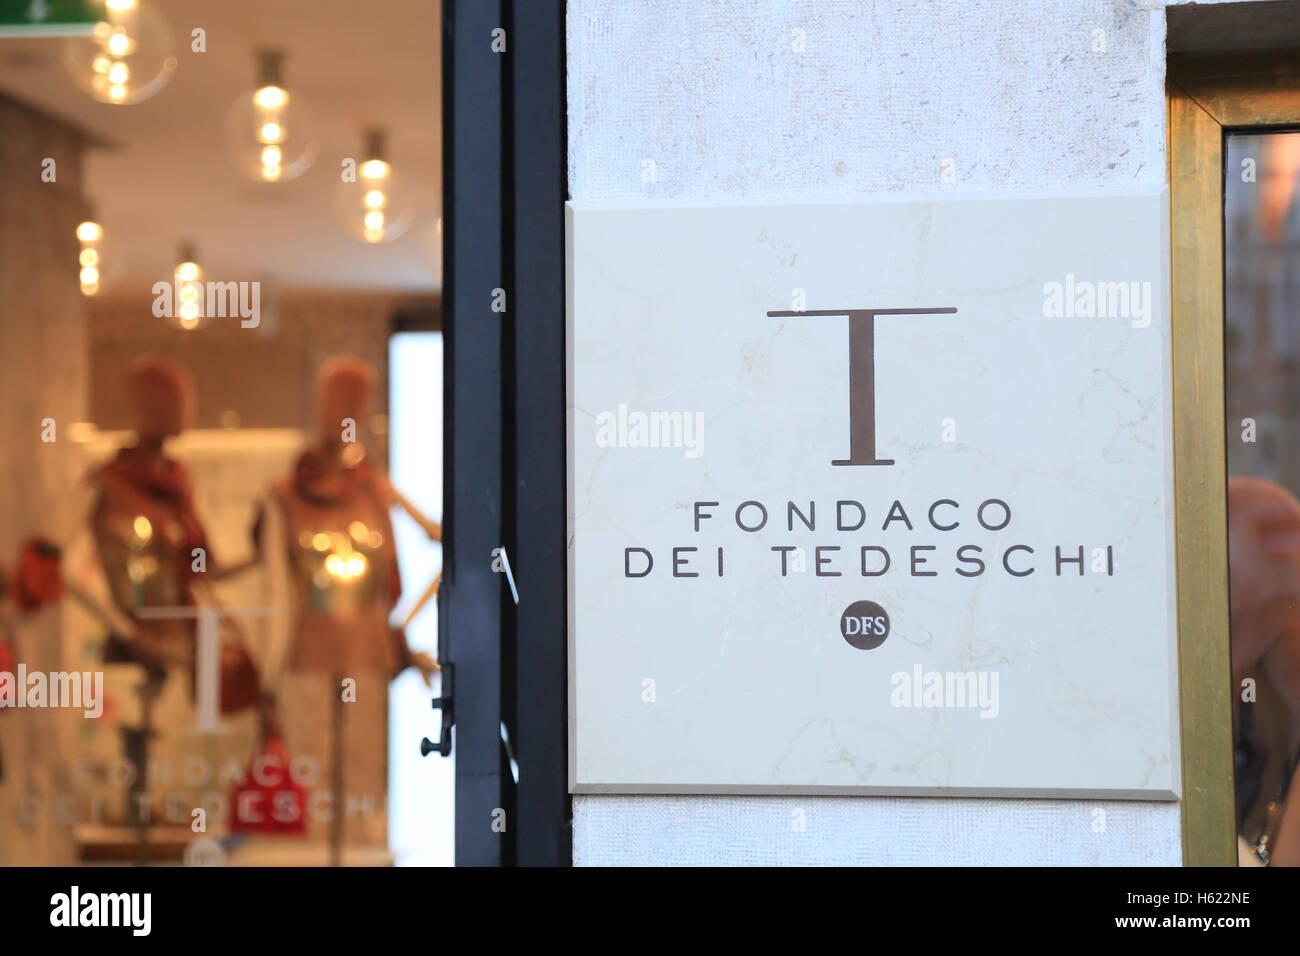 The luxury shopping center Fondaco dei Tedeschi. - Stock Image